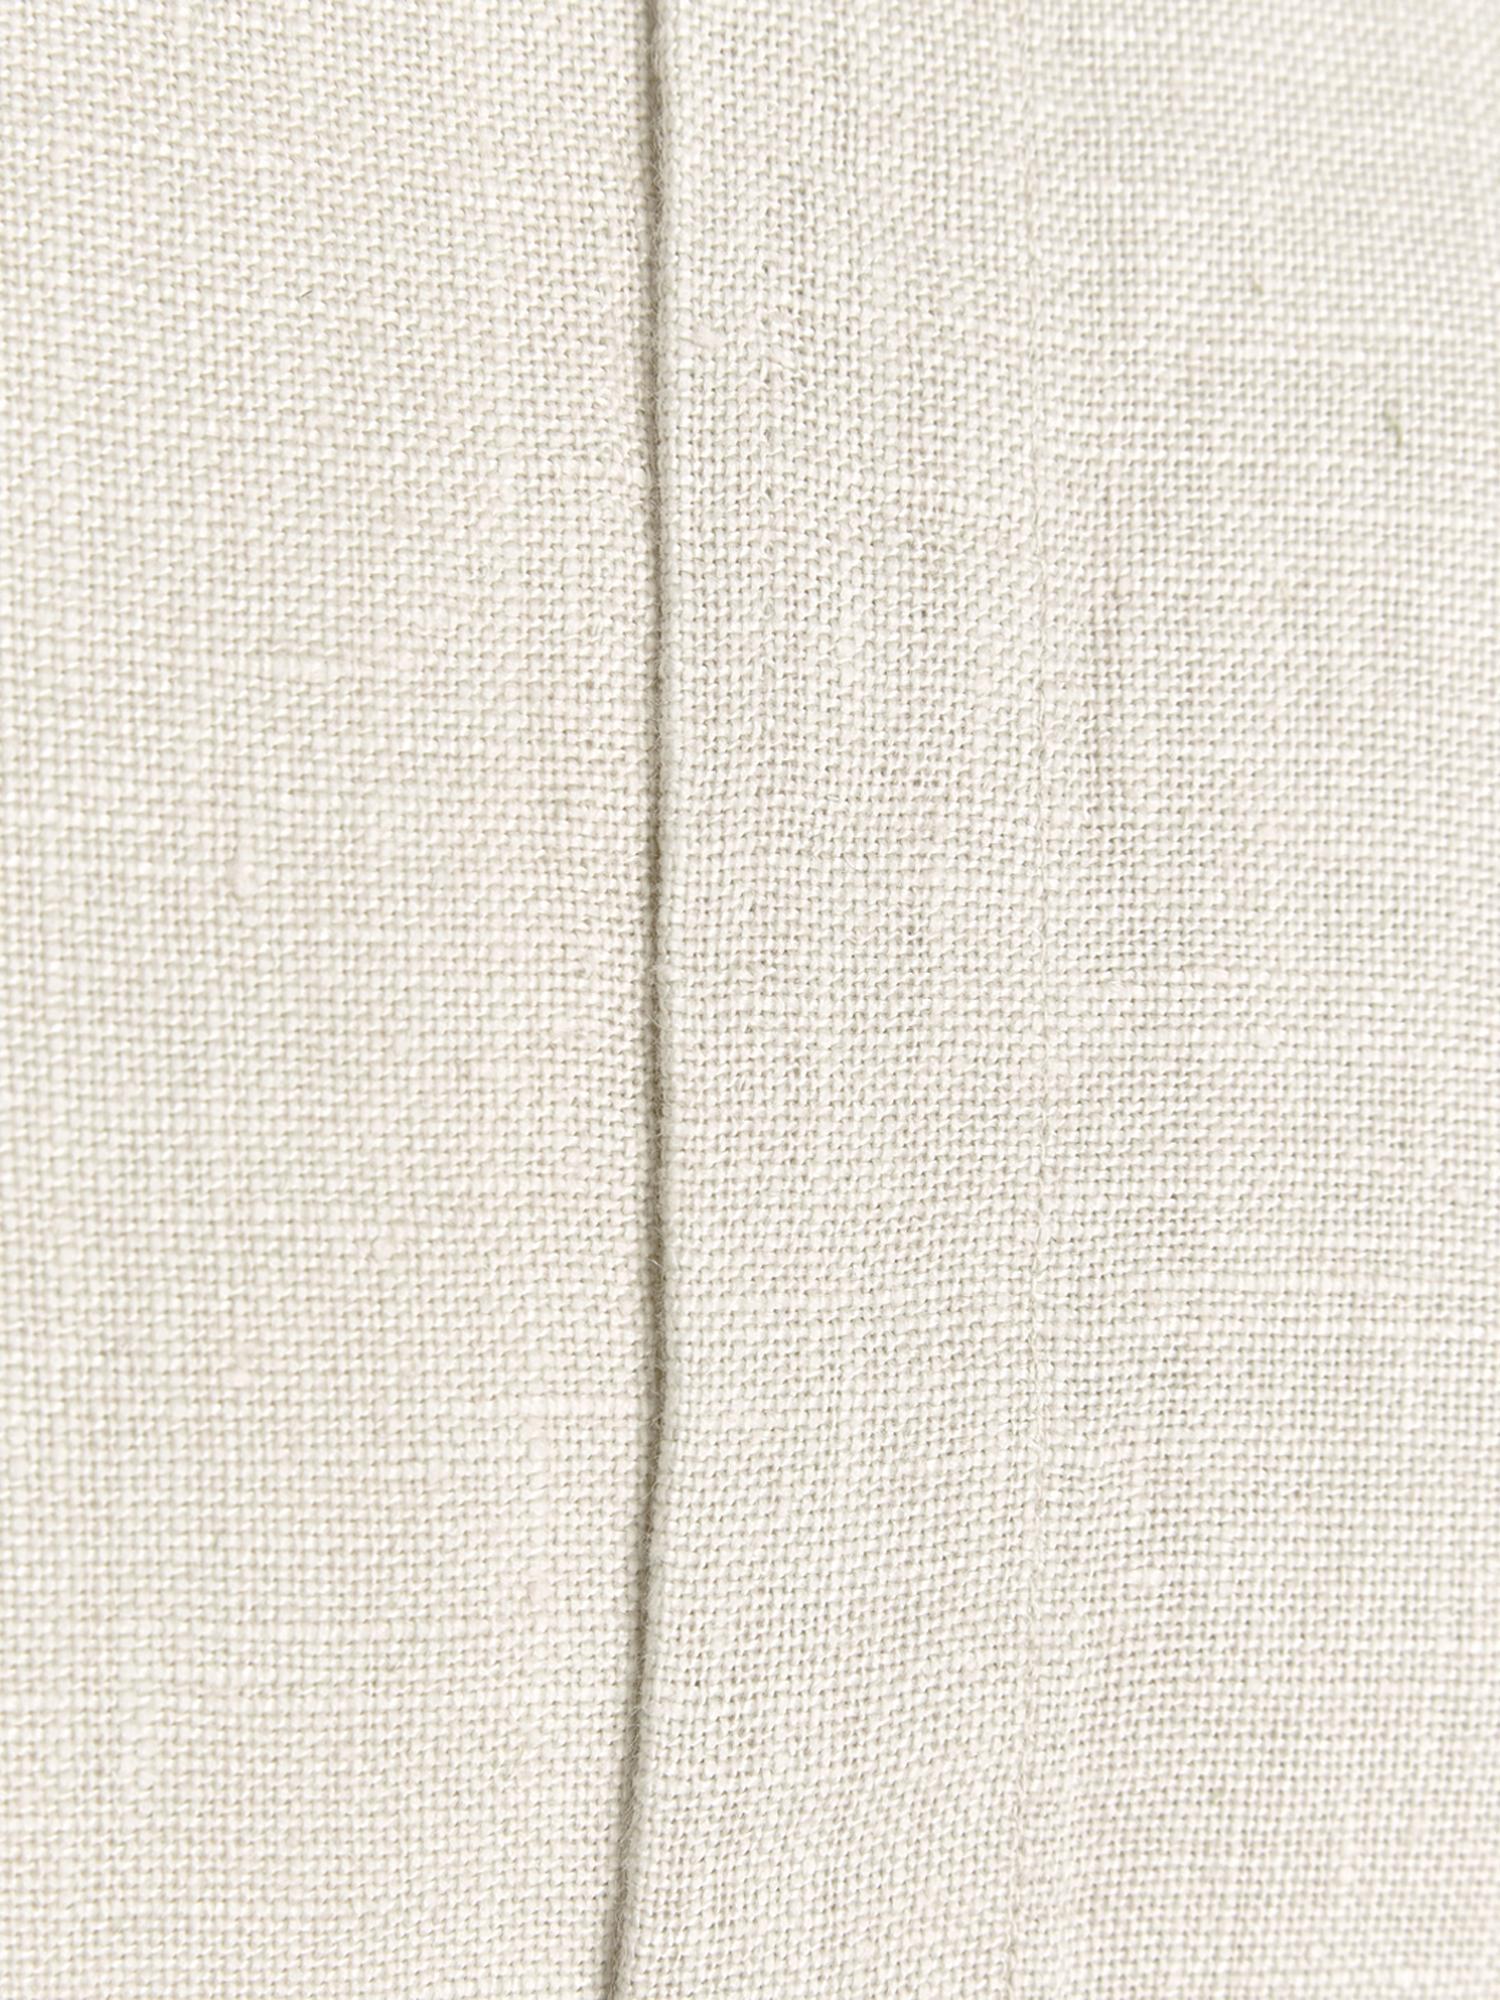 Leinen-Kissenhülle Luana in Hellbeige mit Fransen, 100% Leinen, Beige, 60 x 60 cm